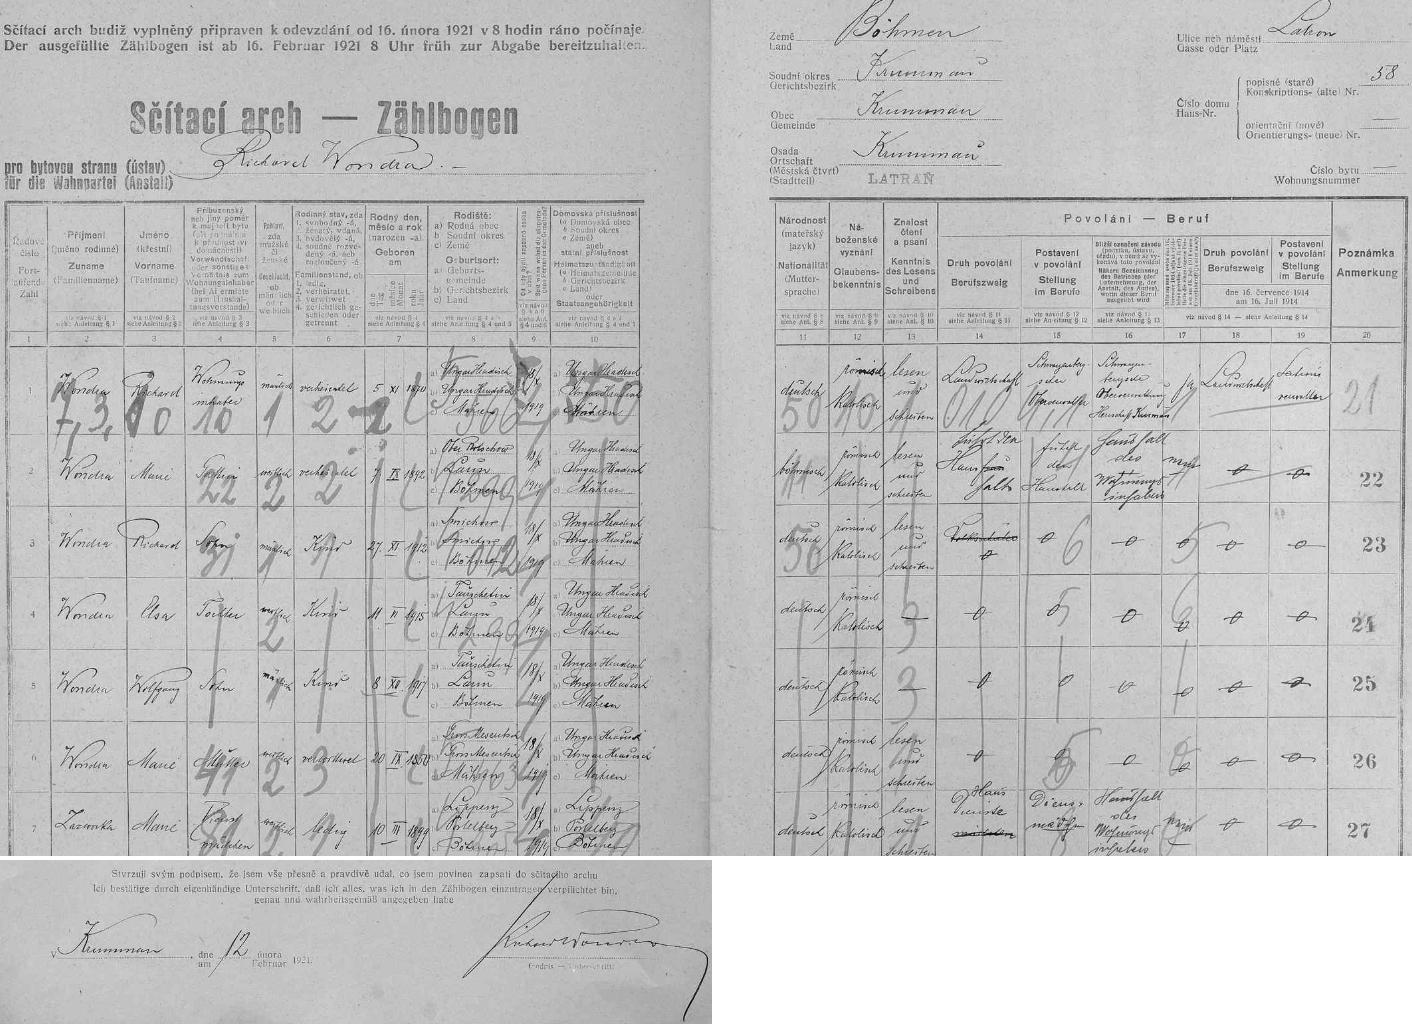 Arch sčítání lidu z roku 1921 pro dům čp. 58 na českokrumlovském Latráně s rodinou Wondrovou, tj. Richardem Wondrou st. a jeho ženou Marií, syny Richardem (*27. listopadu 1912 na pražském Smíchově) a Wolfgangem (*8. prosince 1917 v Toužetíně u Loun), jakož dcerou Elsou (*11. června 1915 rovněž v Toužetíně), Wondrovou matkou Marií (*20. září 1850 ve Velkém Meziříčí) a jejich německou služkou z Lipna u Postoloprt